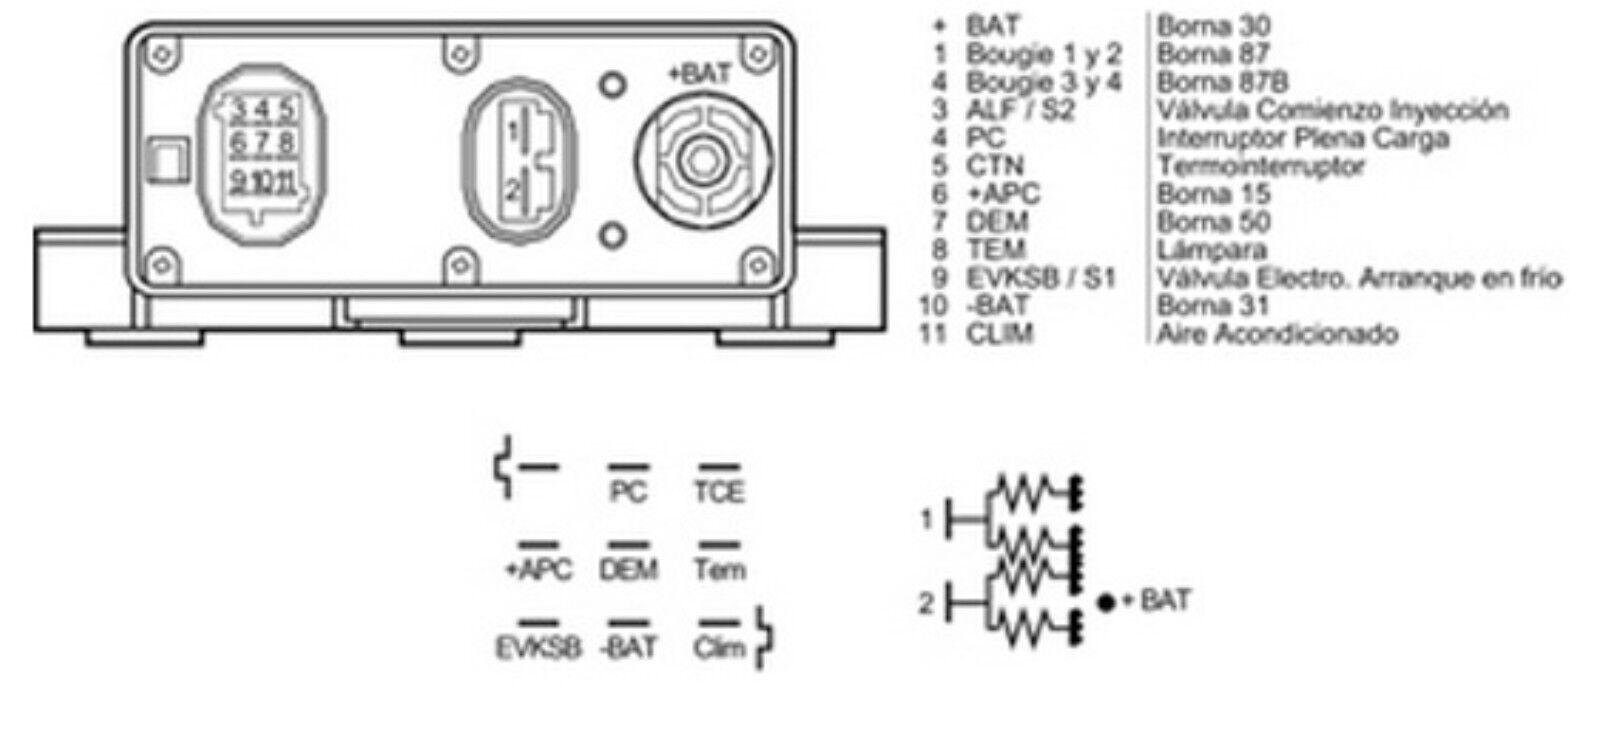 Renault 9 11 21 25 Espace 4 iniettori Bosch 0280150126 7700721021 7700724021